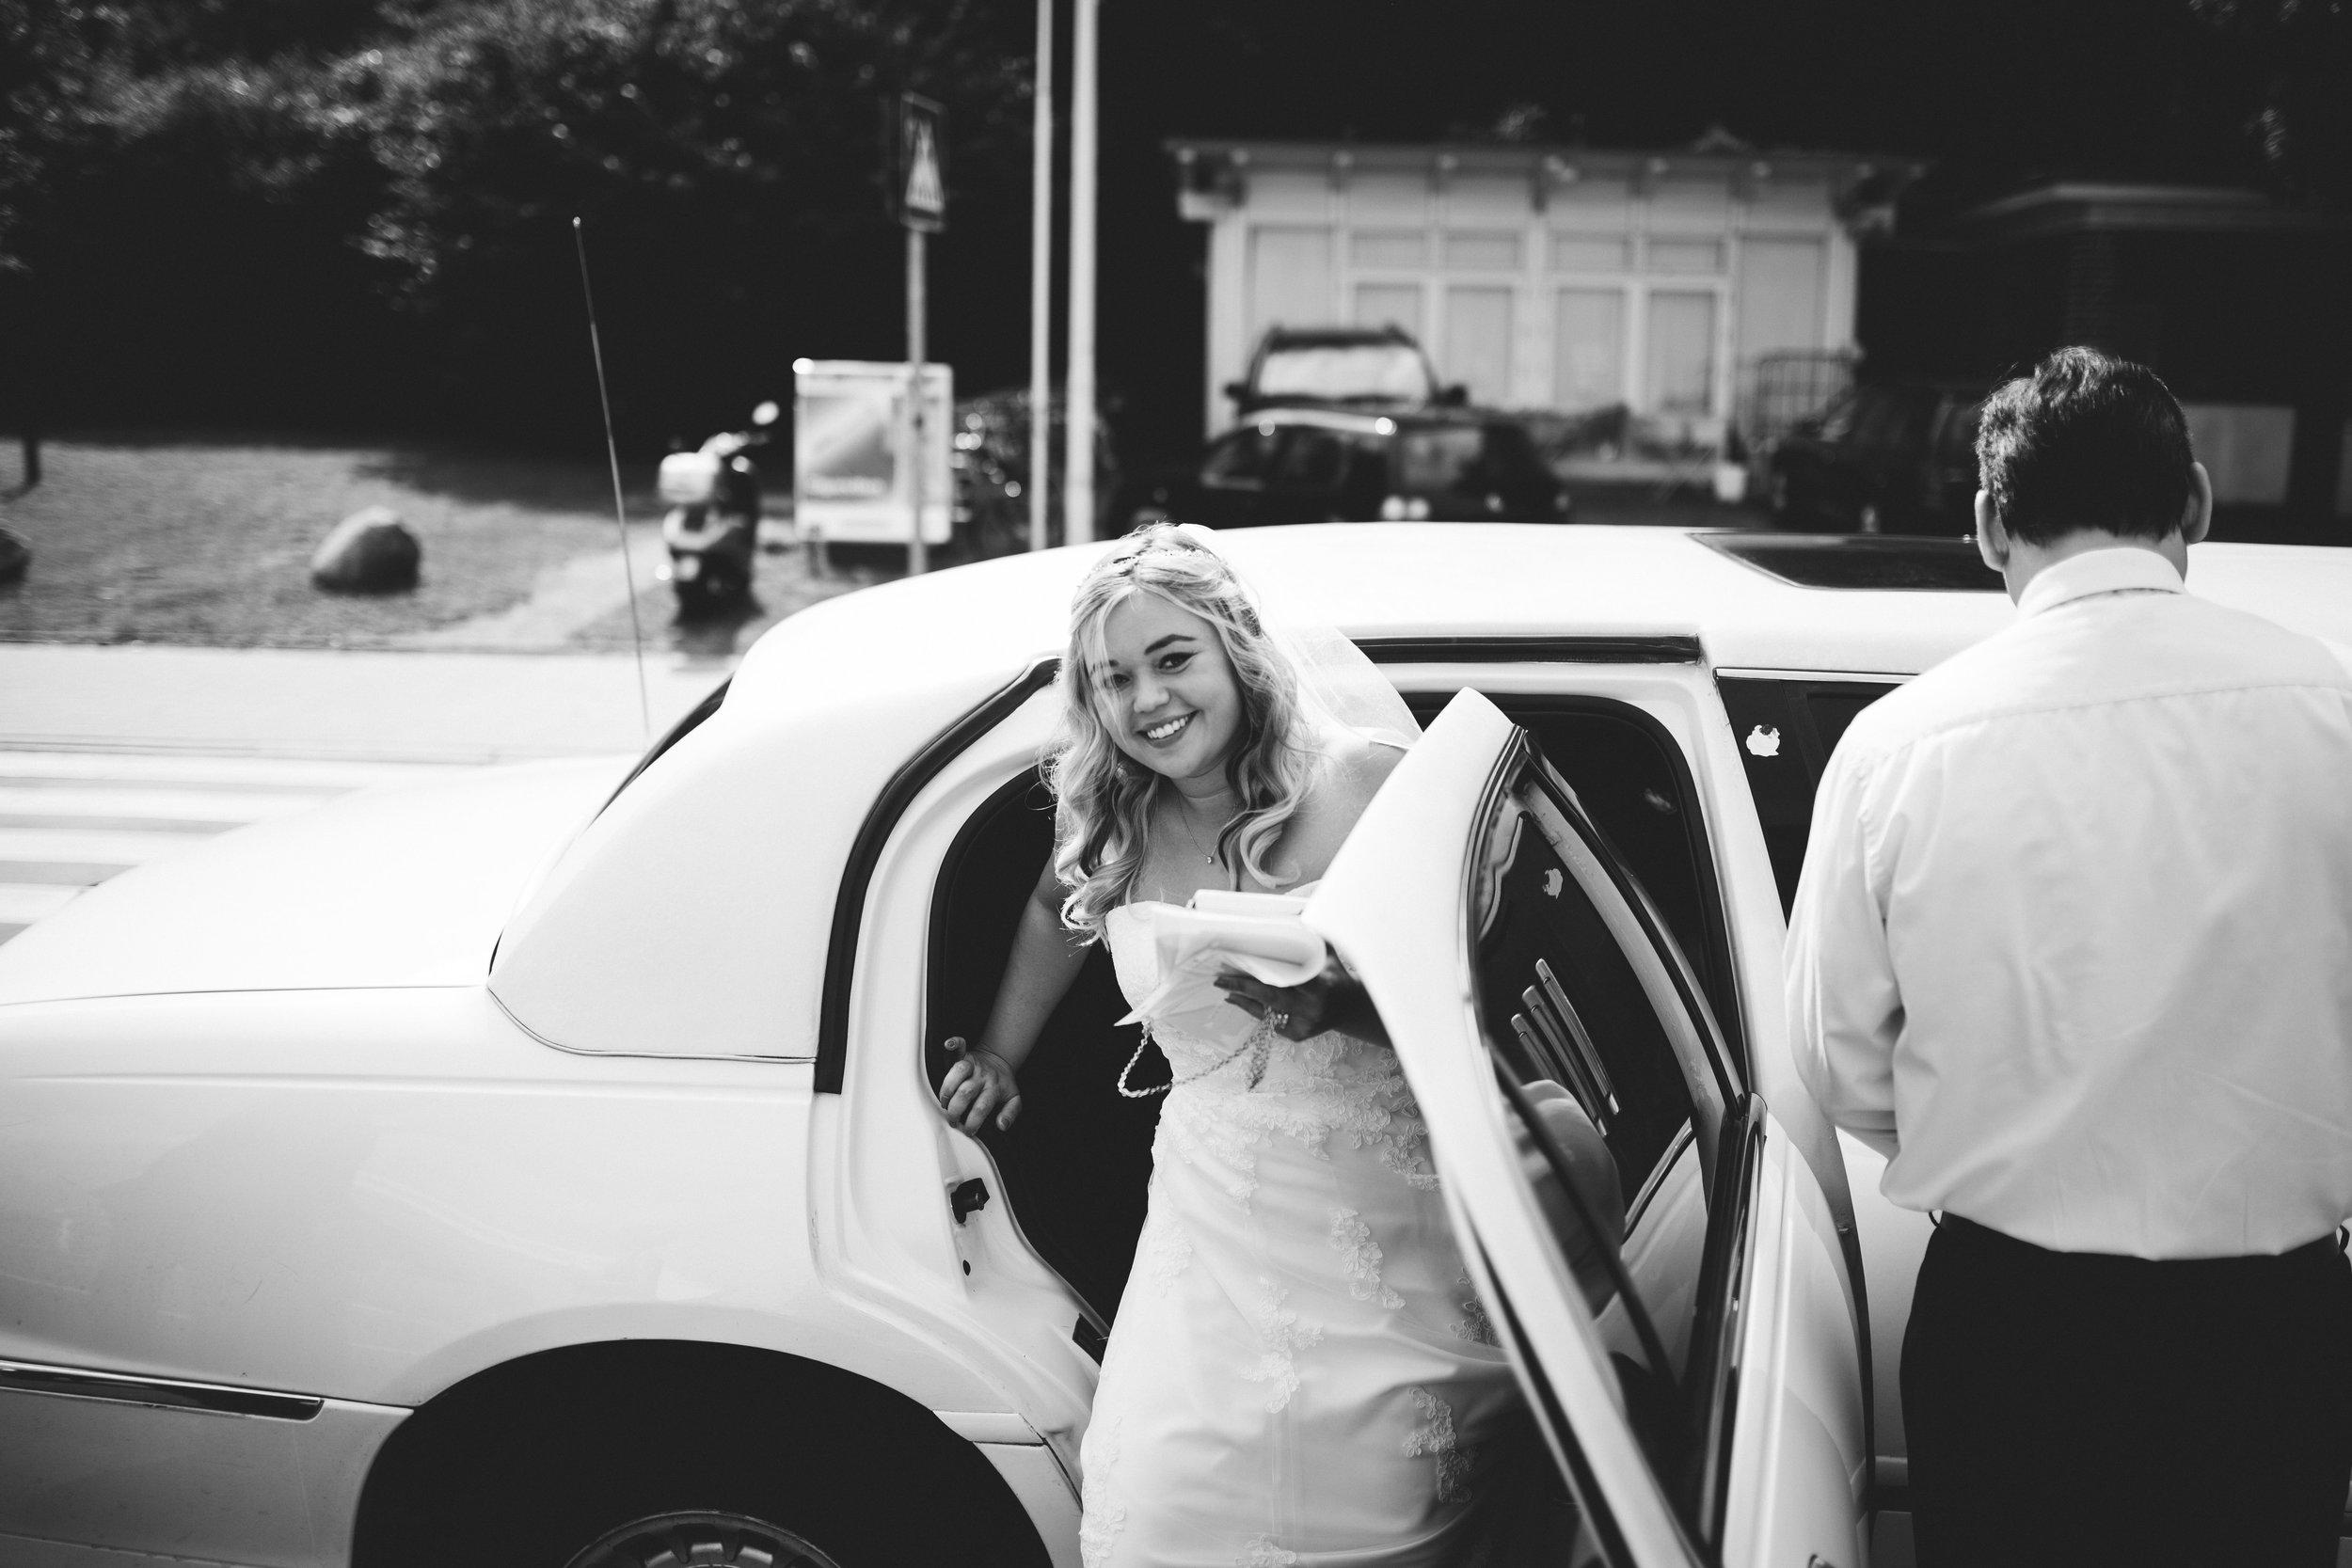 Eine Braut steigt aus einer Strechlimousine an der Kiellinie vor der Seebar Kiel auf dem weg zu Ihrer Hochzeit. Die Braut lacht in die Kamera und das Bild ist schwarz weiß. Diese Momemntaufnahme hat Hochzeitsfotograf Phil Schreyer geschossen